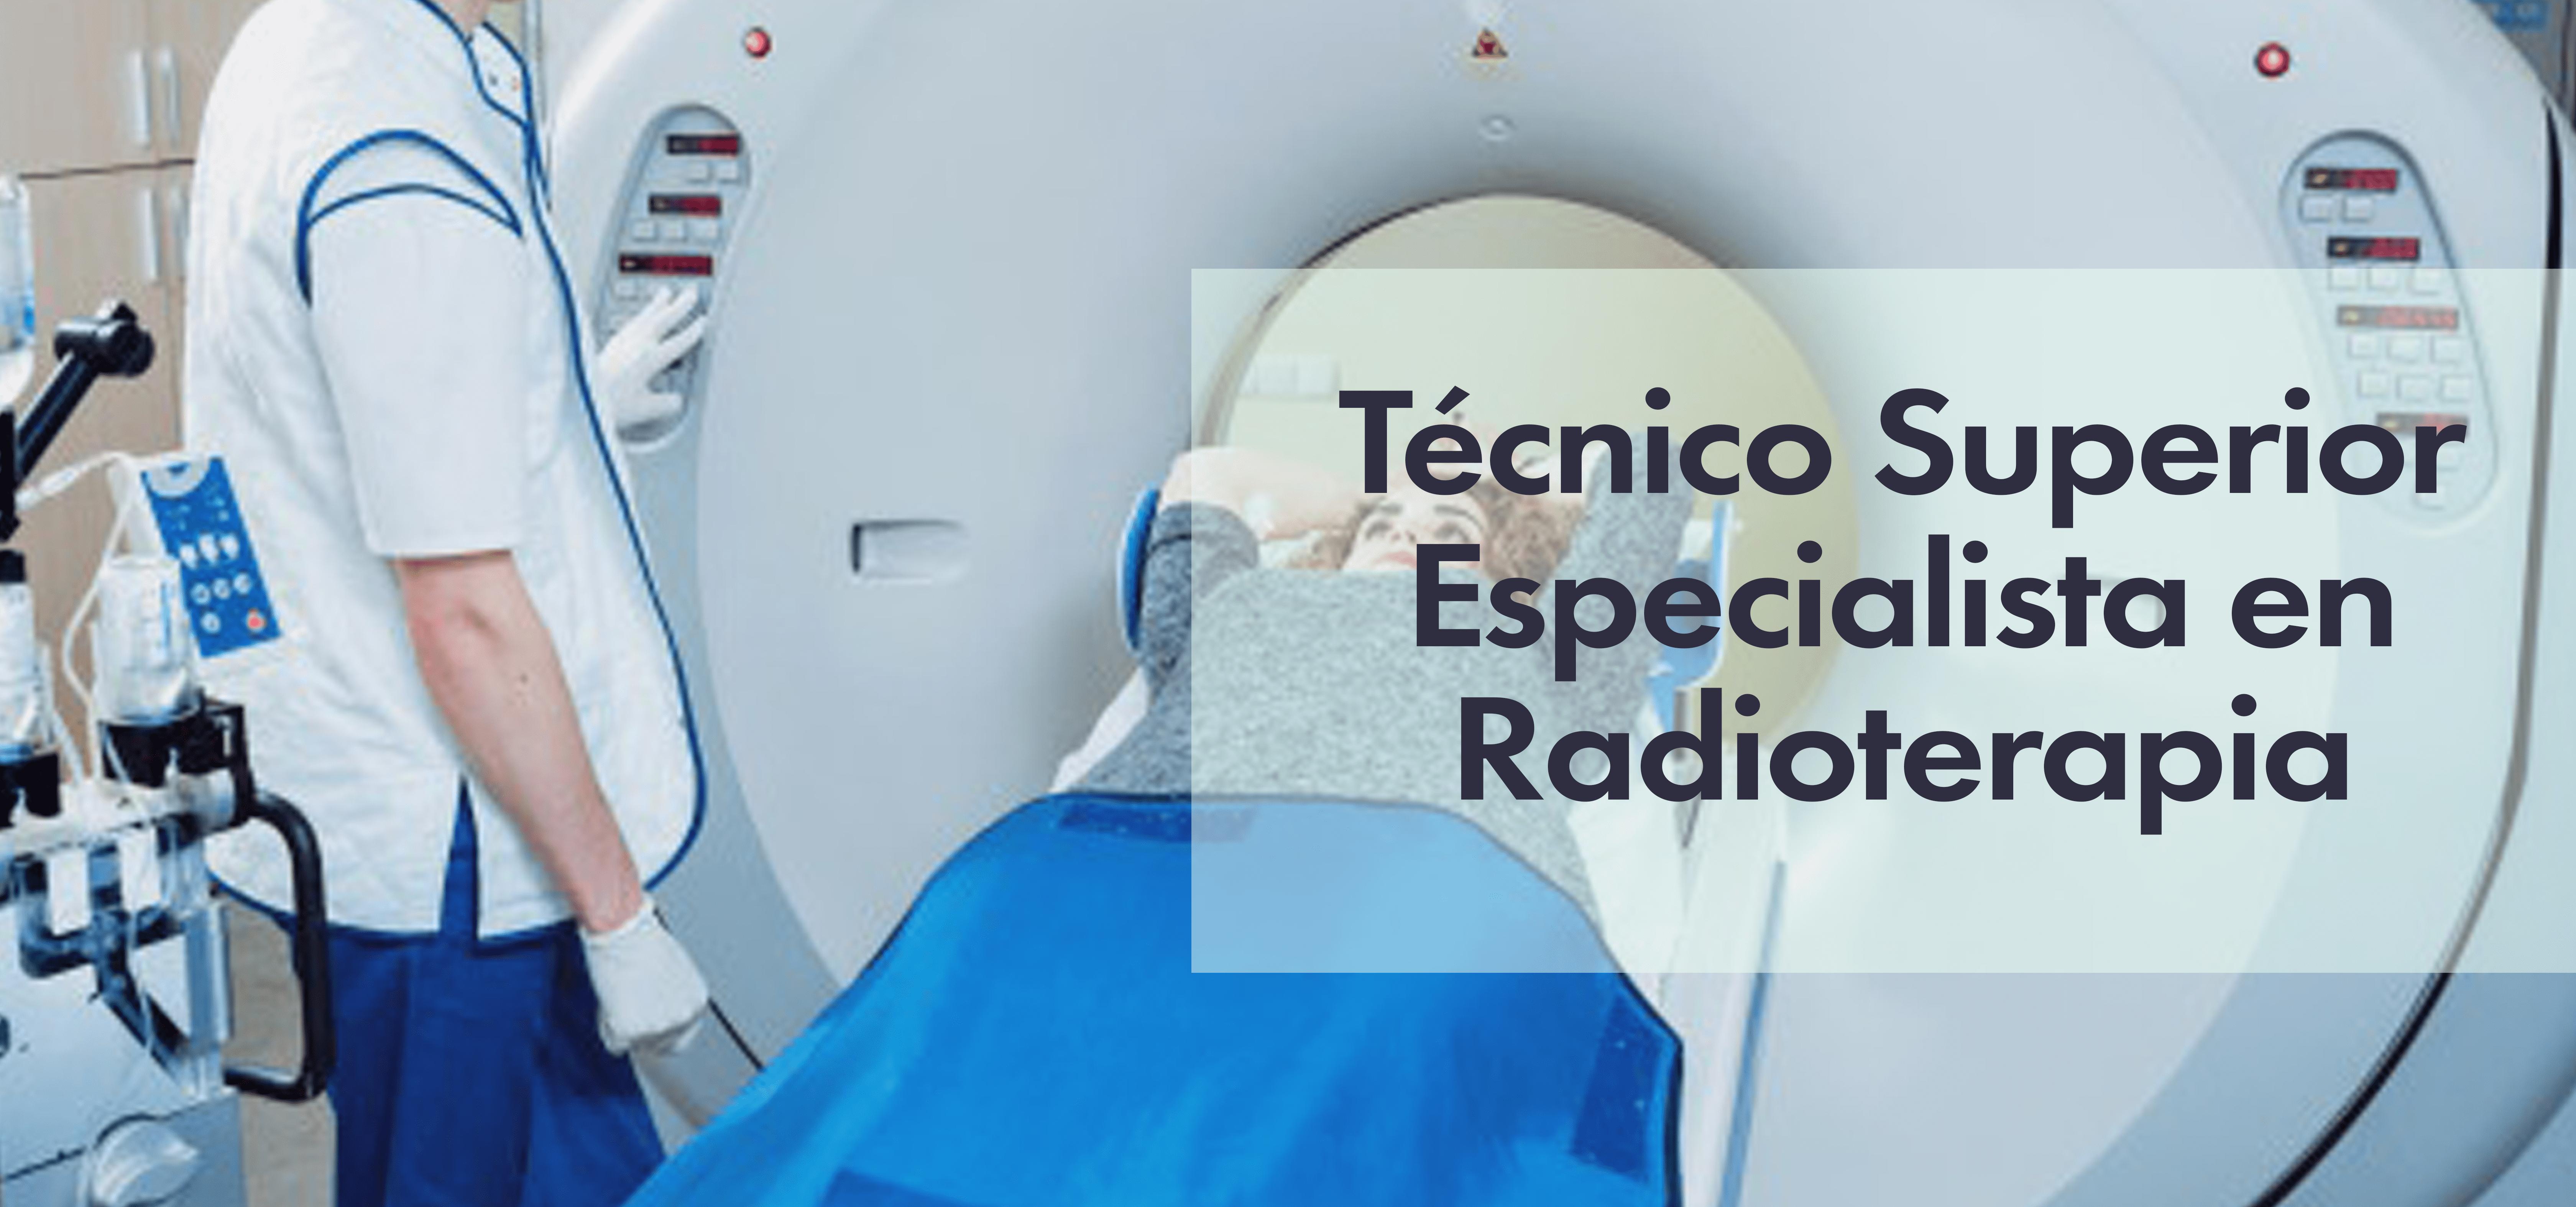 Técnico Superior Especialista en Radioterapia